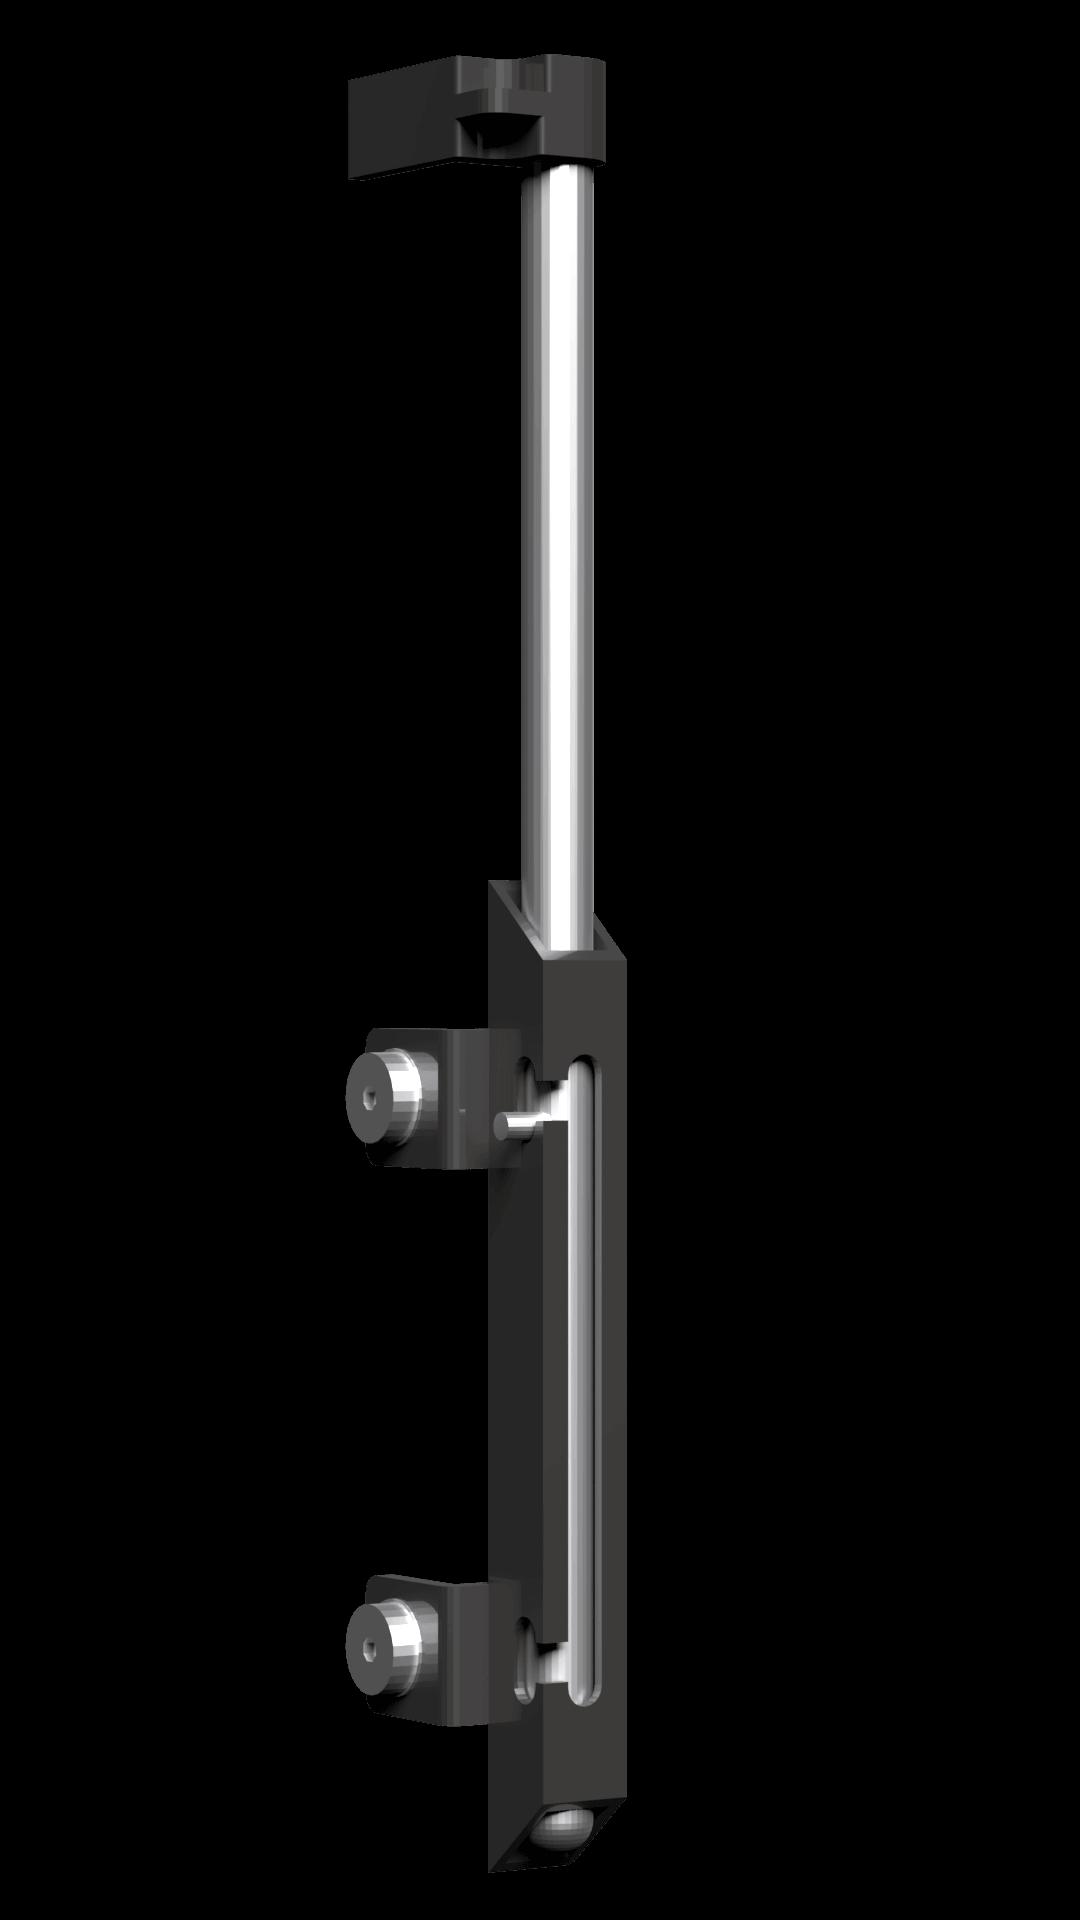 torriegel bgf aus stahl und aluminium zur schraubmontage und